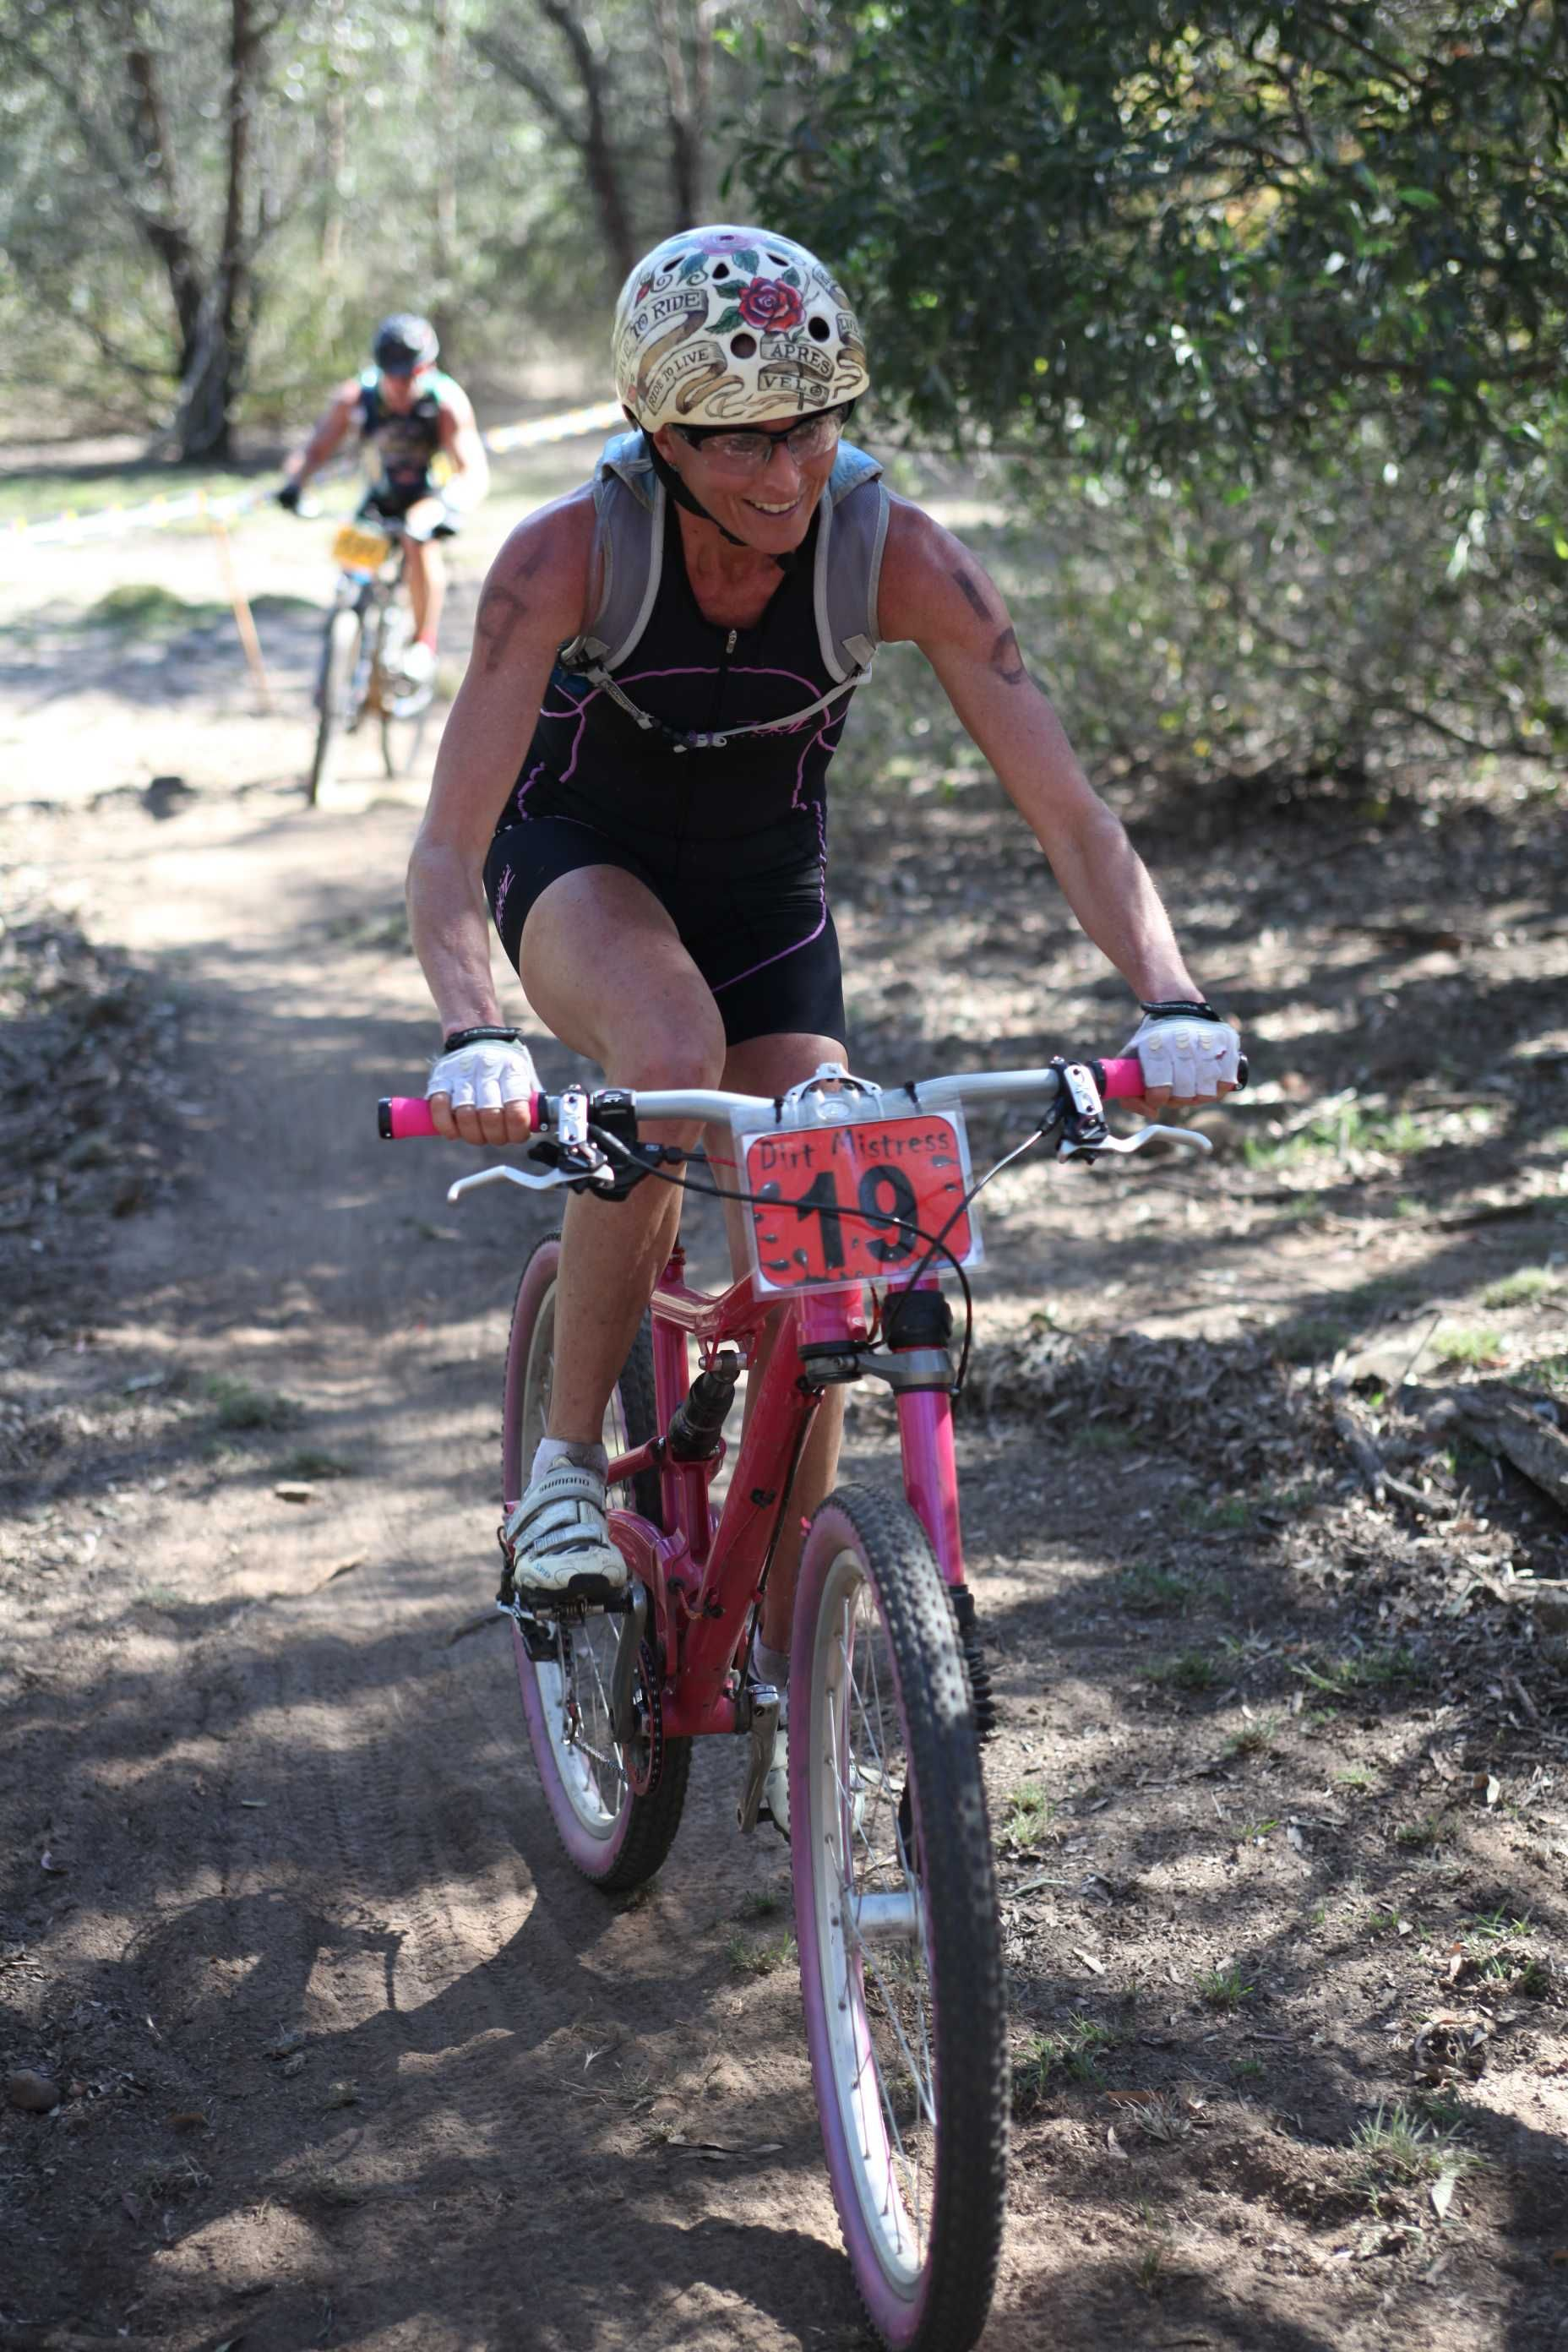 Trex Off Road Triathlon Mountain Bike The Next Day I Got Knocked